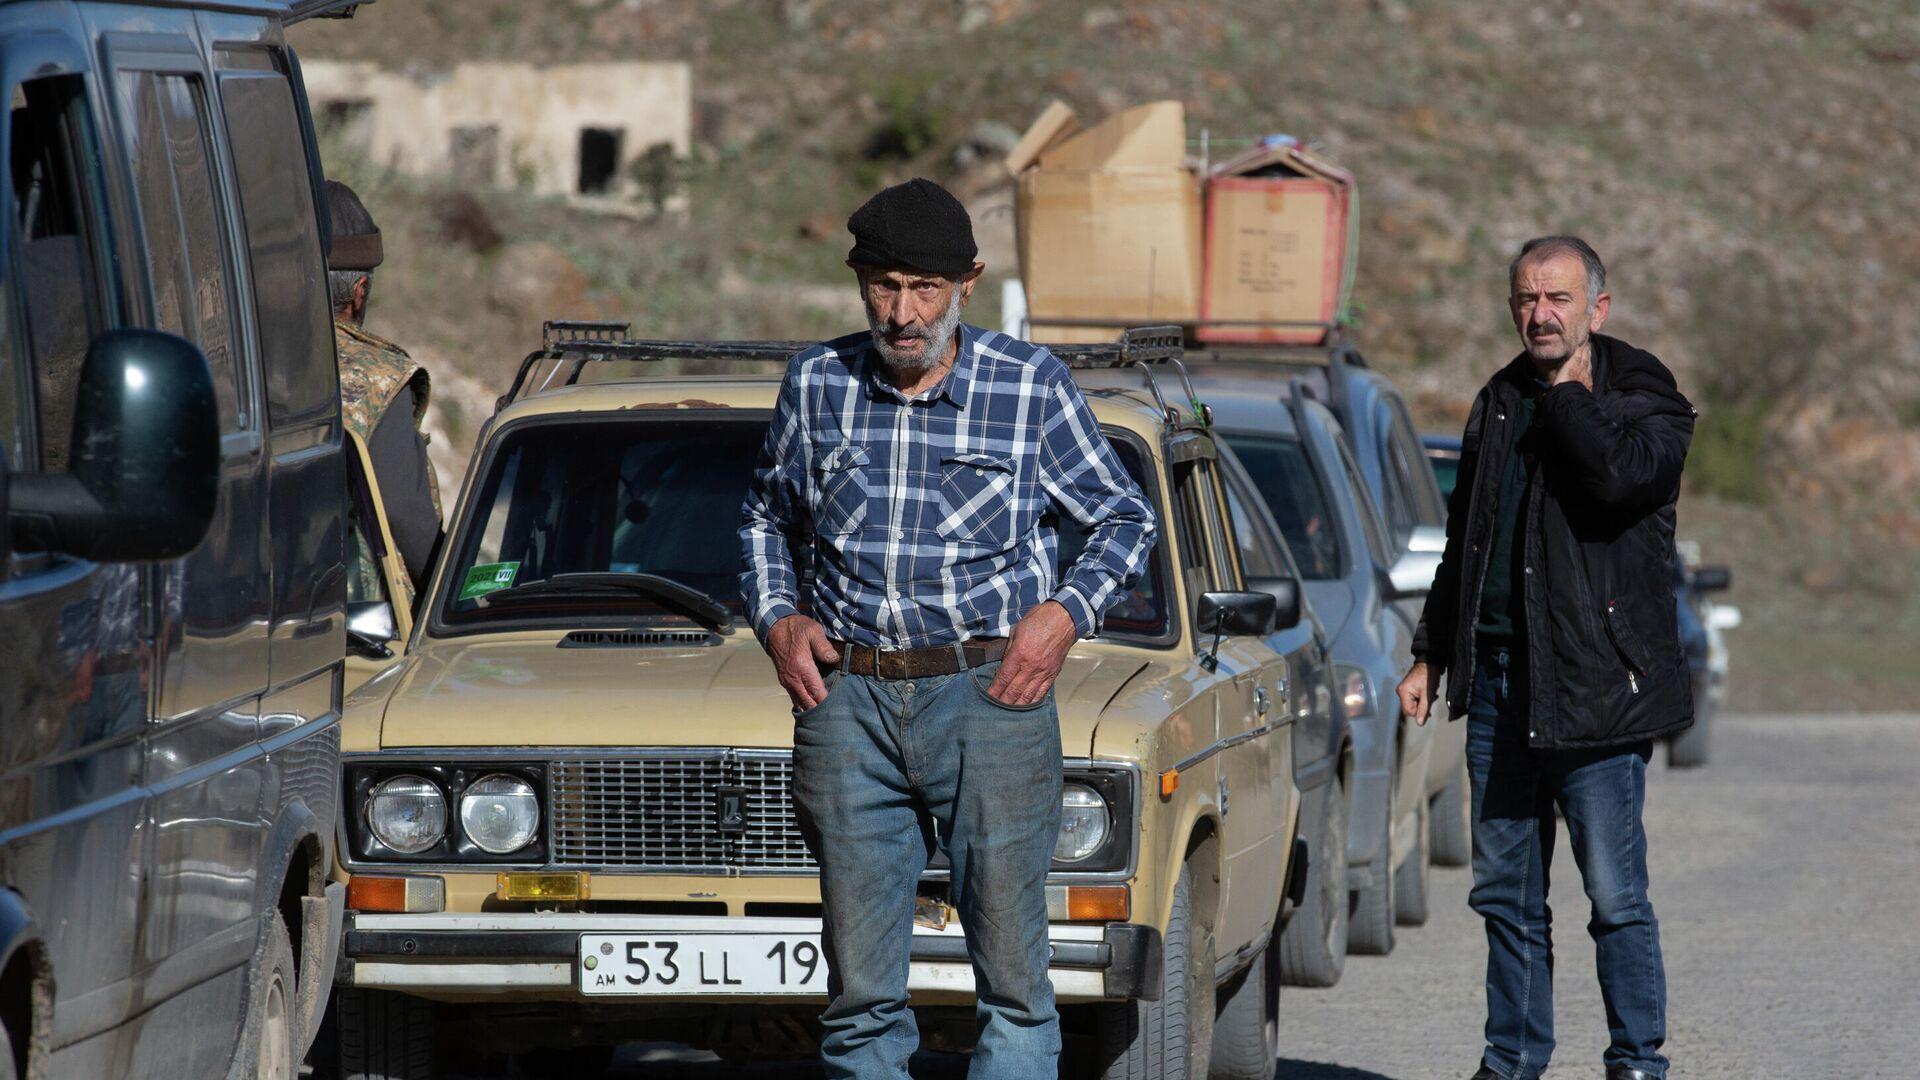 Местные жители, покидающие Нагорный Карабах, в районе города Карвачар - РИА Новости, 1920, 10.11.2020